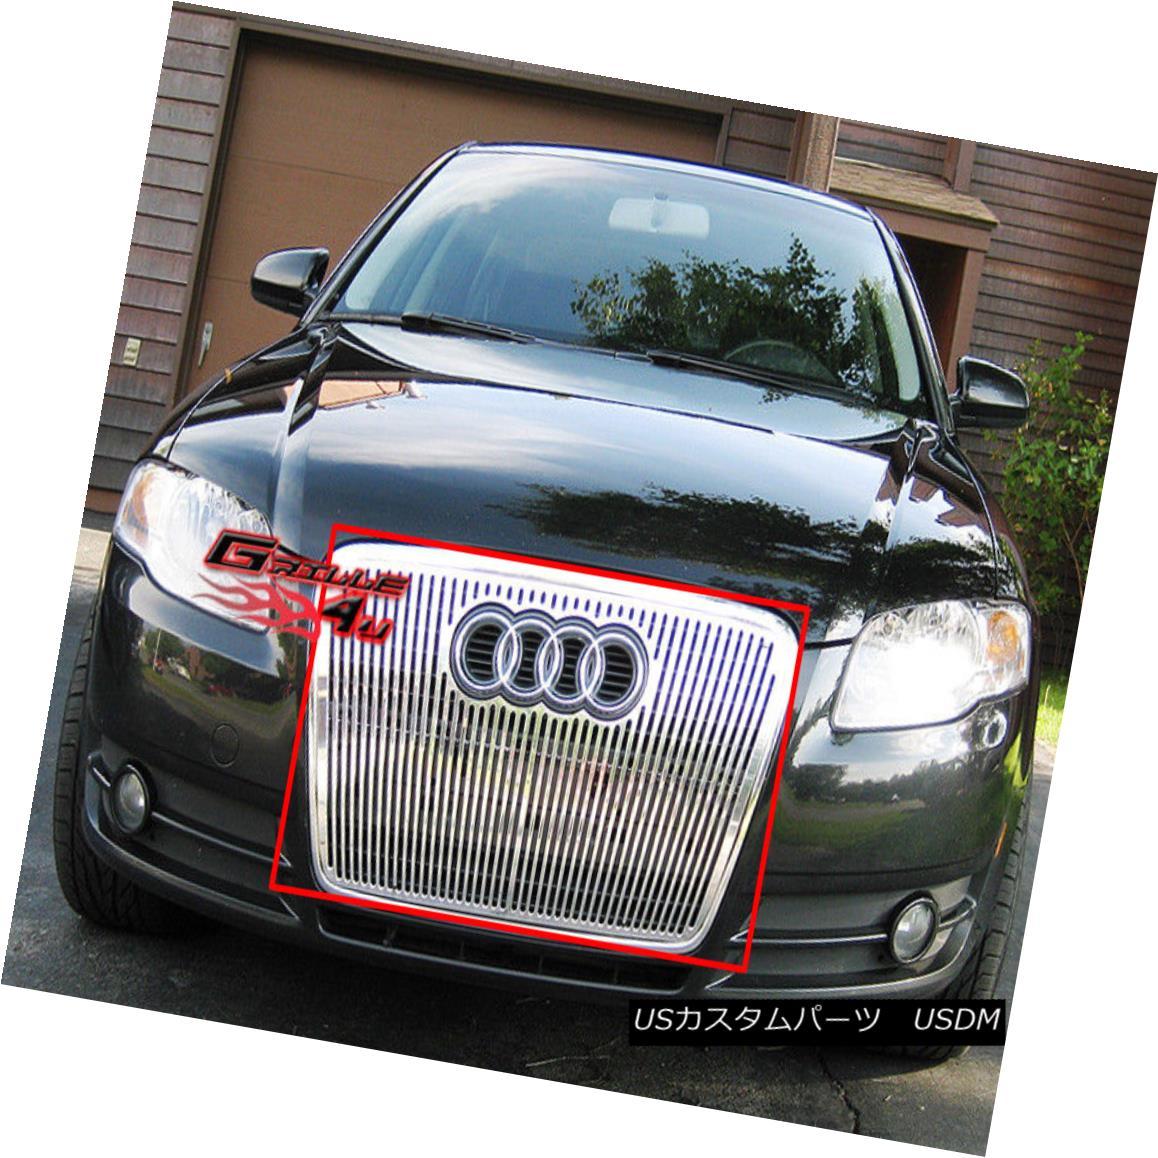 グリル Fits 2006-2007 Audi A4 Perimeter Grille Insert 2006-2007 Audi A4ペリメーターグリルインサートに適合